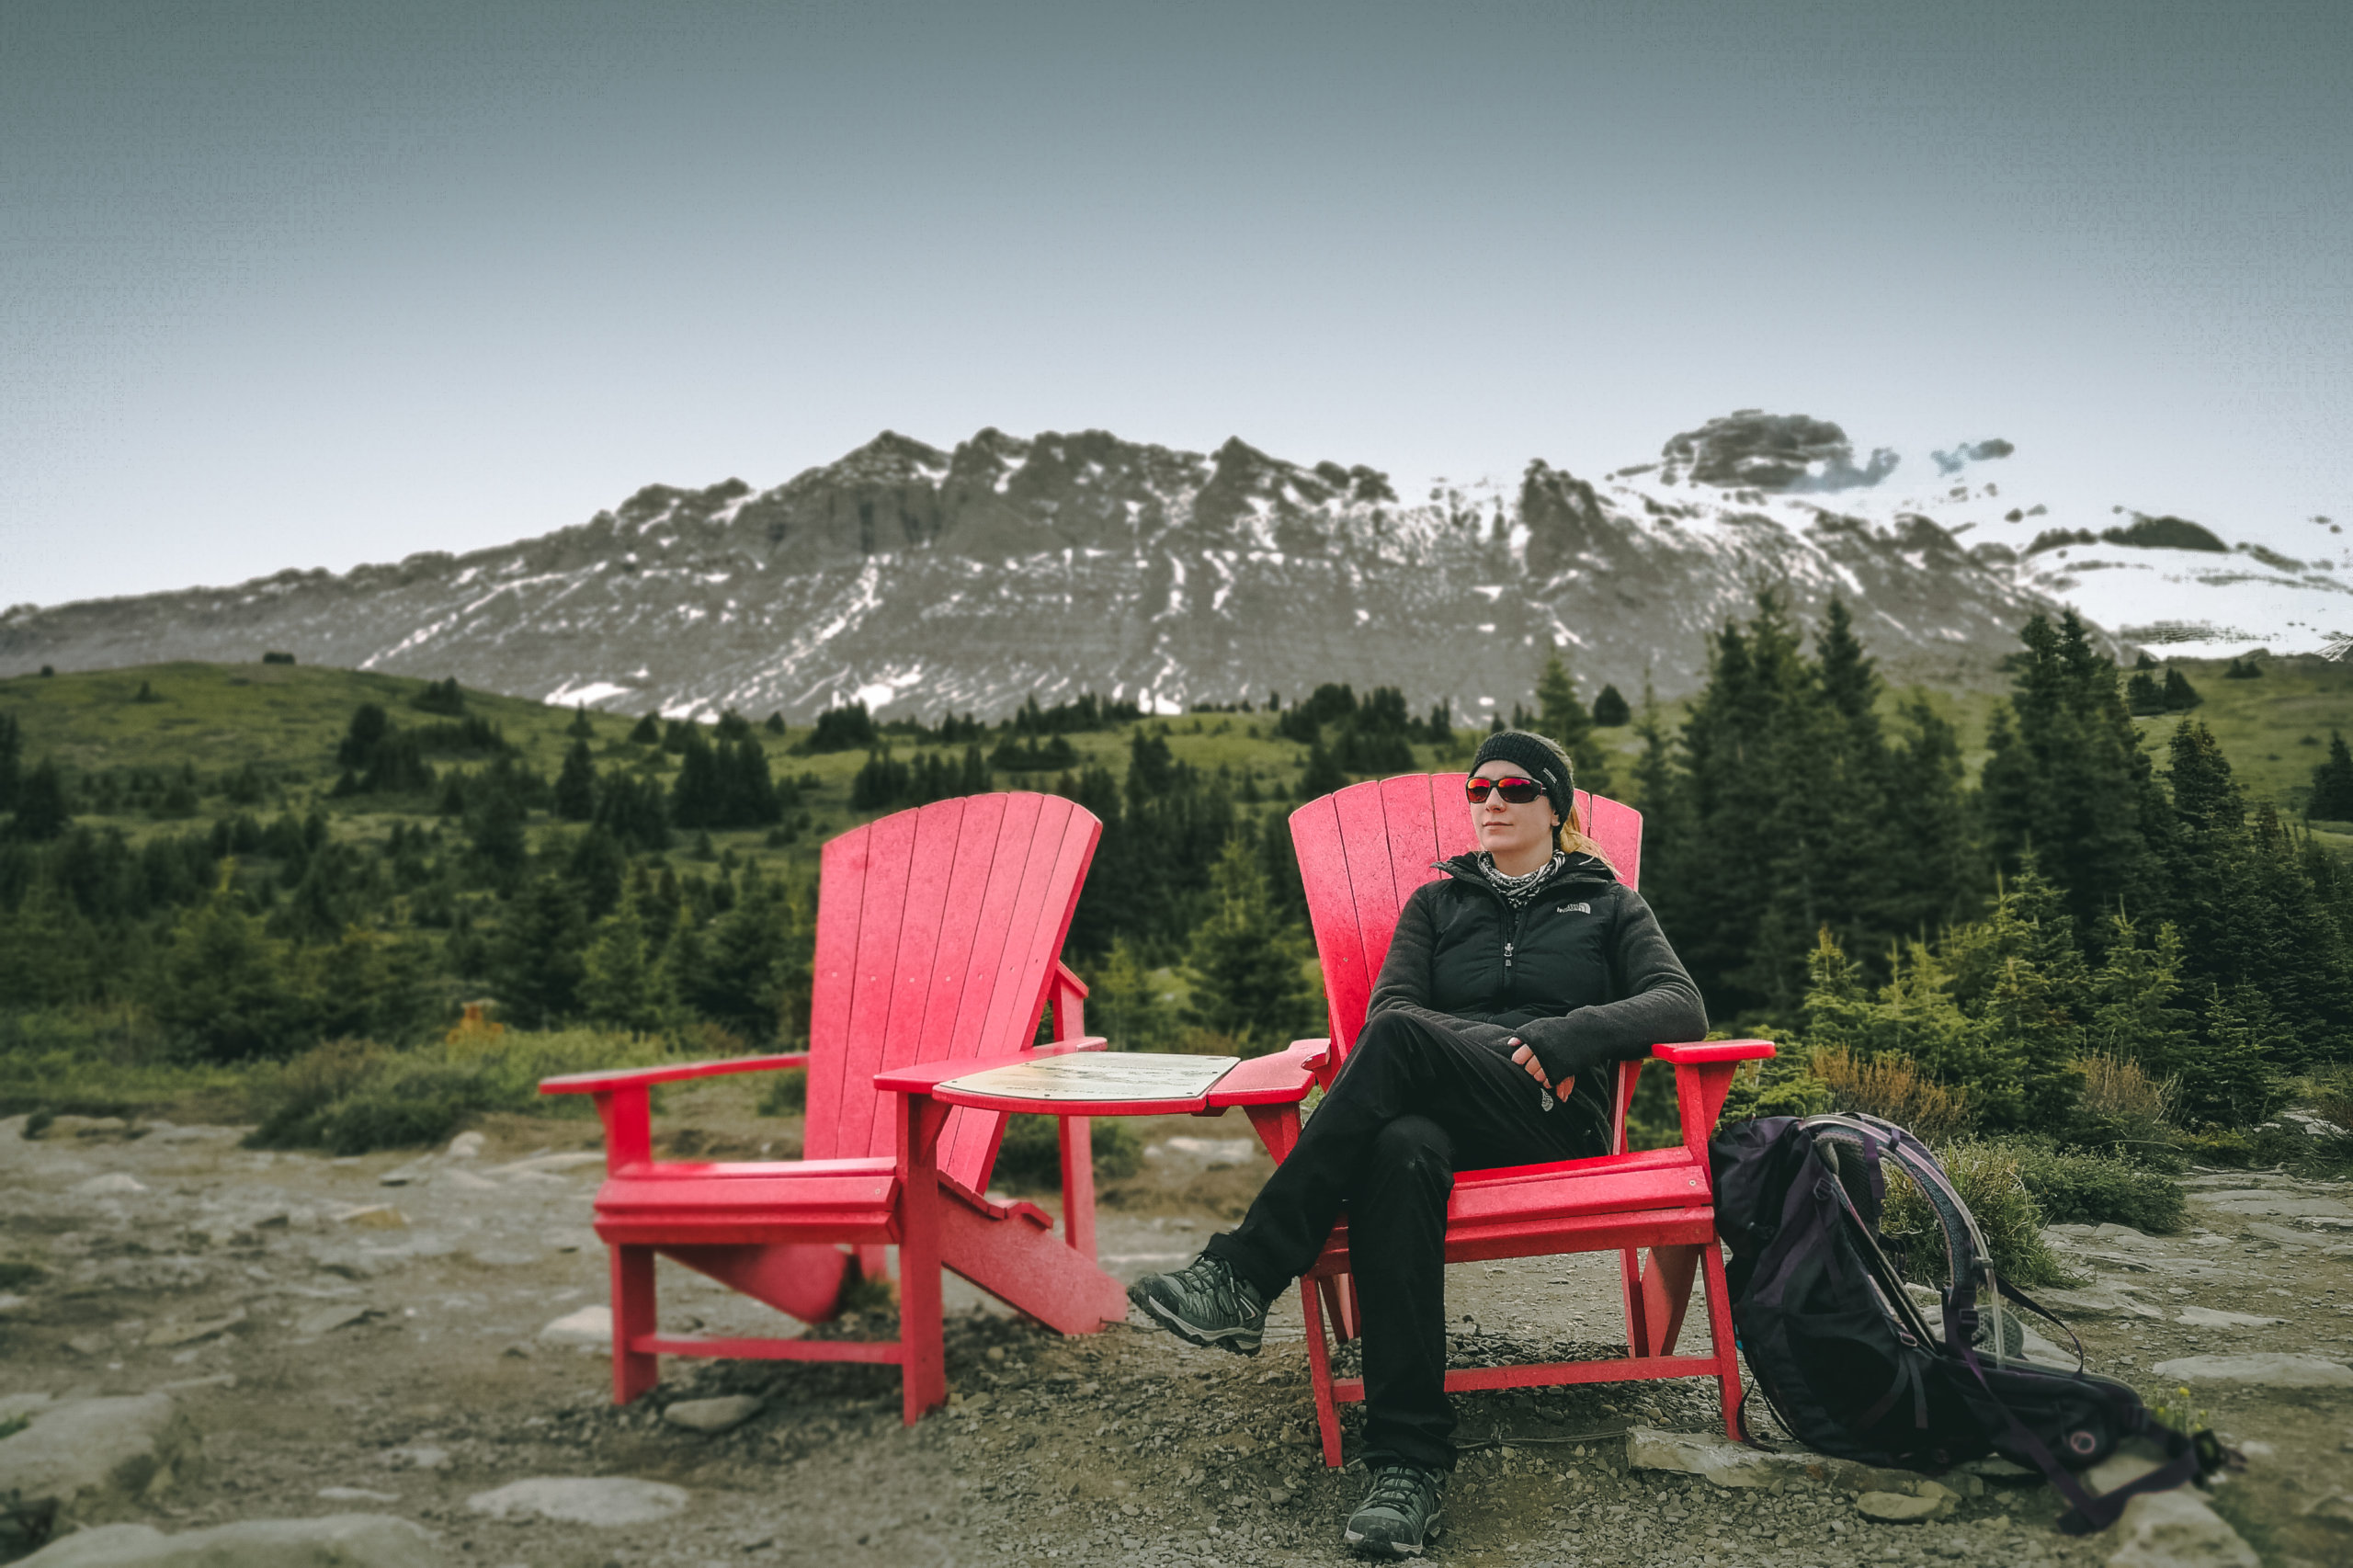 Die berühmten Red Chairs